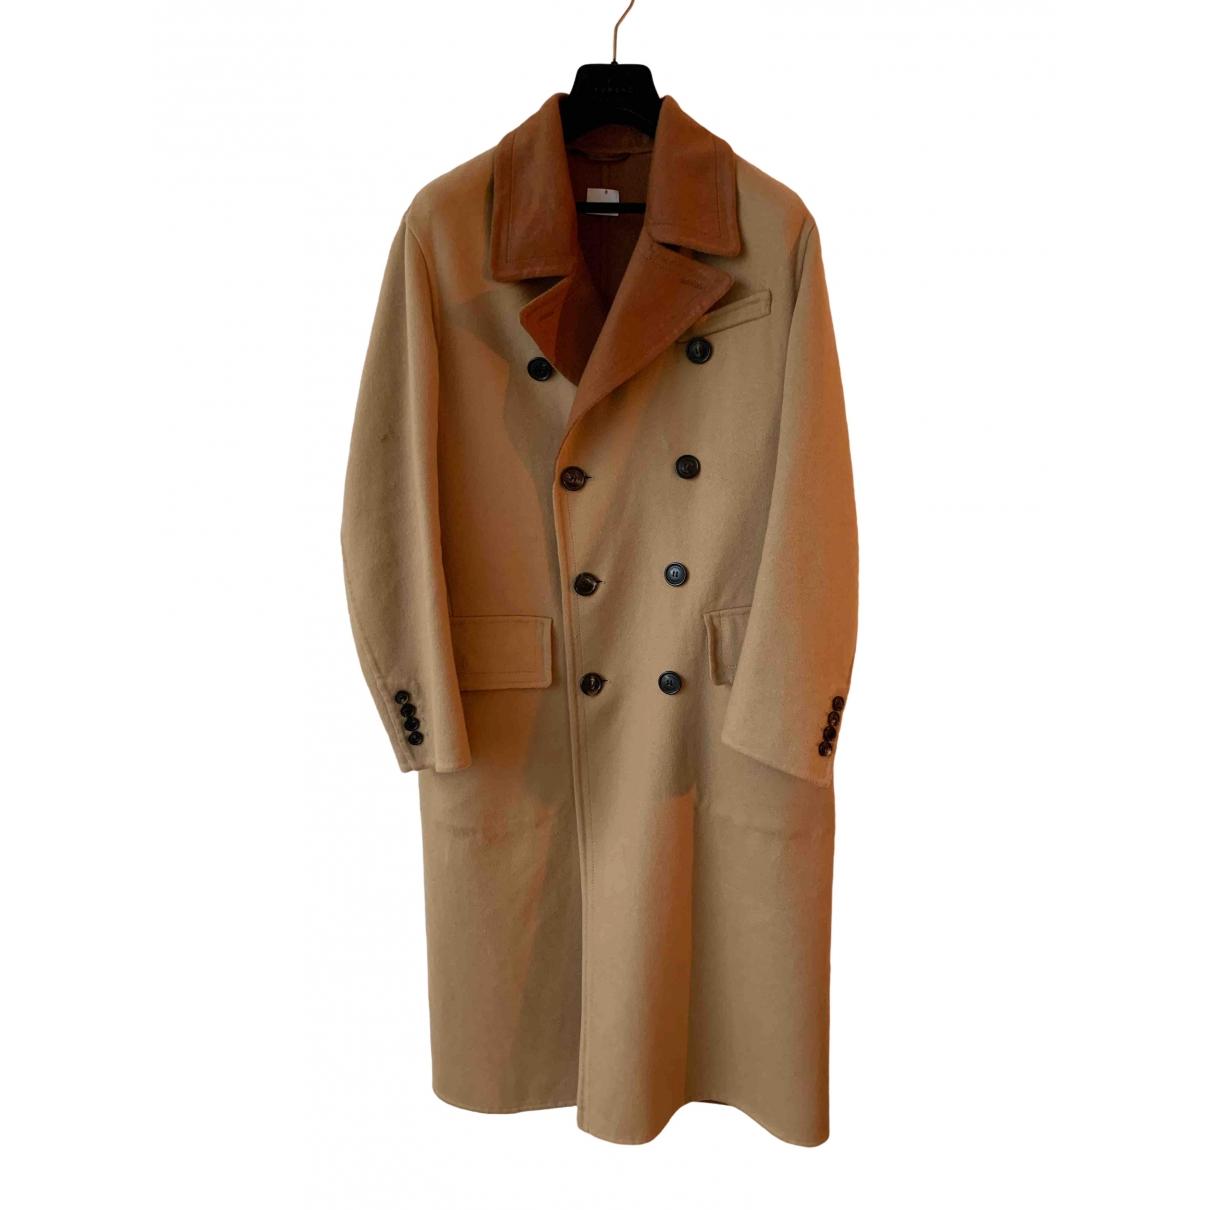 Burberry - Manteau   pour homme en cachemire - beige